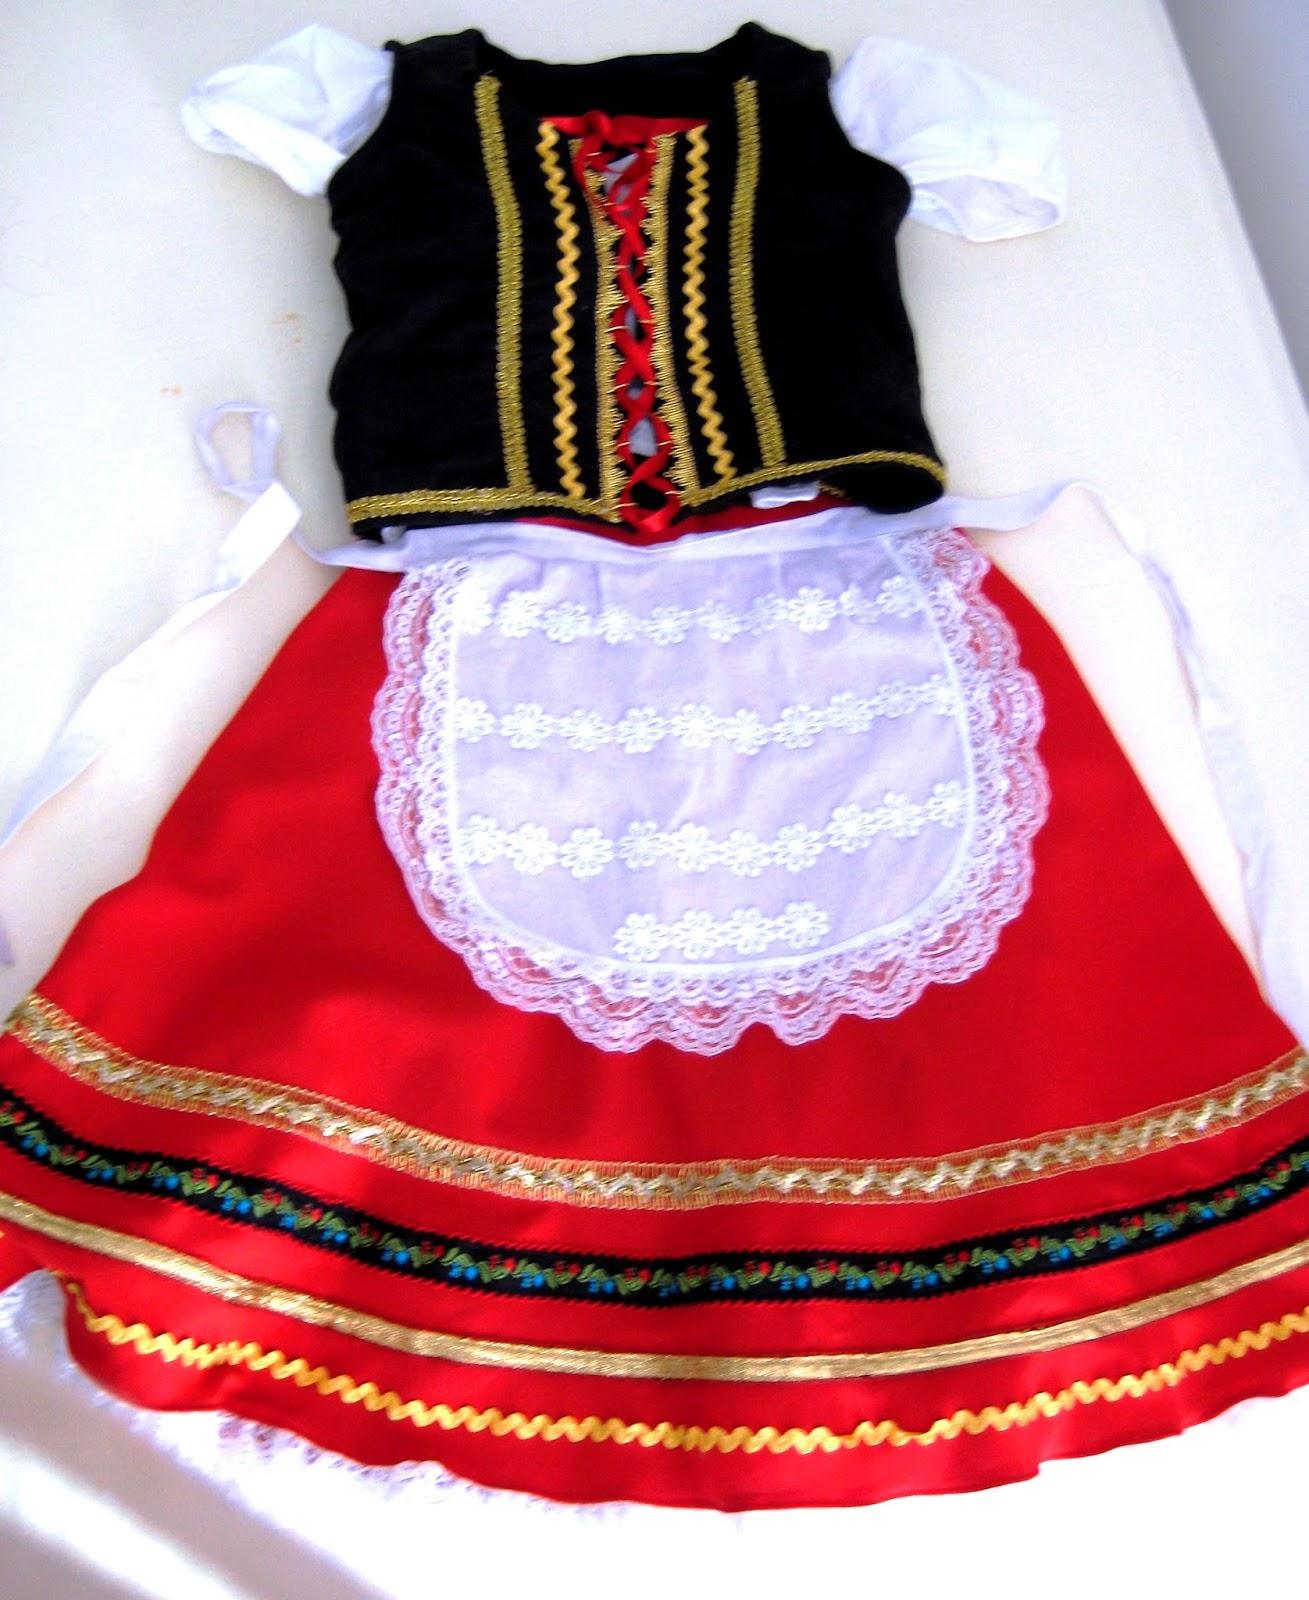 New emporium artigos infantis vestido de frida oktorbesfest traje t pico alem o - Comprar ropa en portugal ...